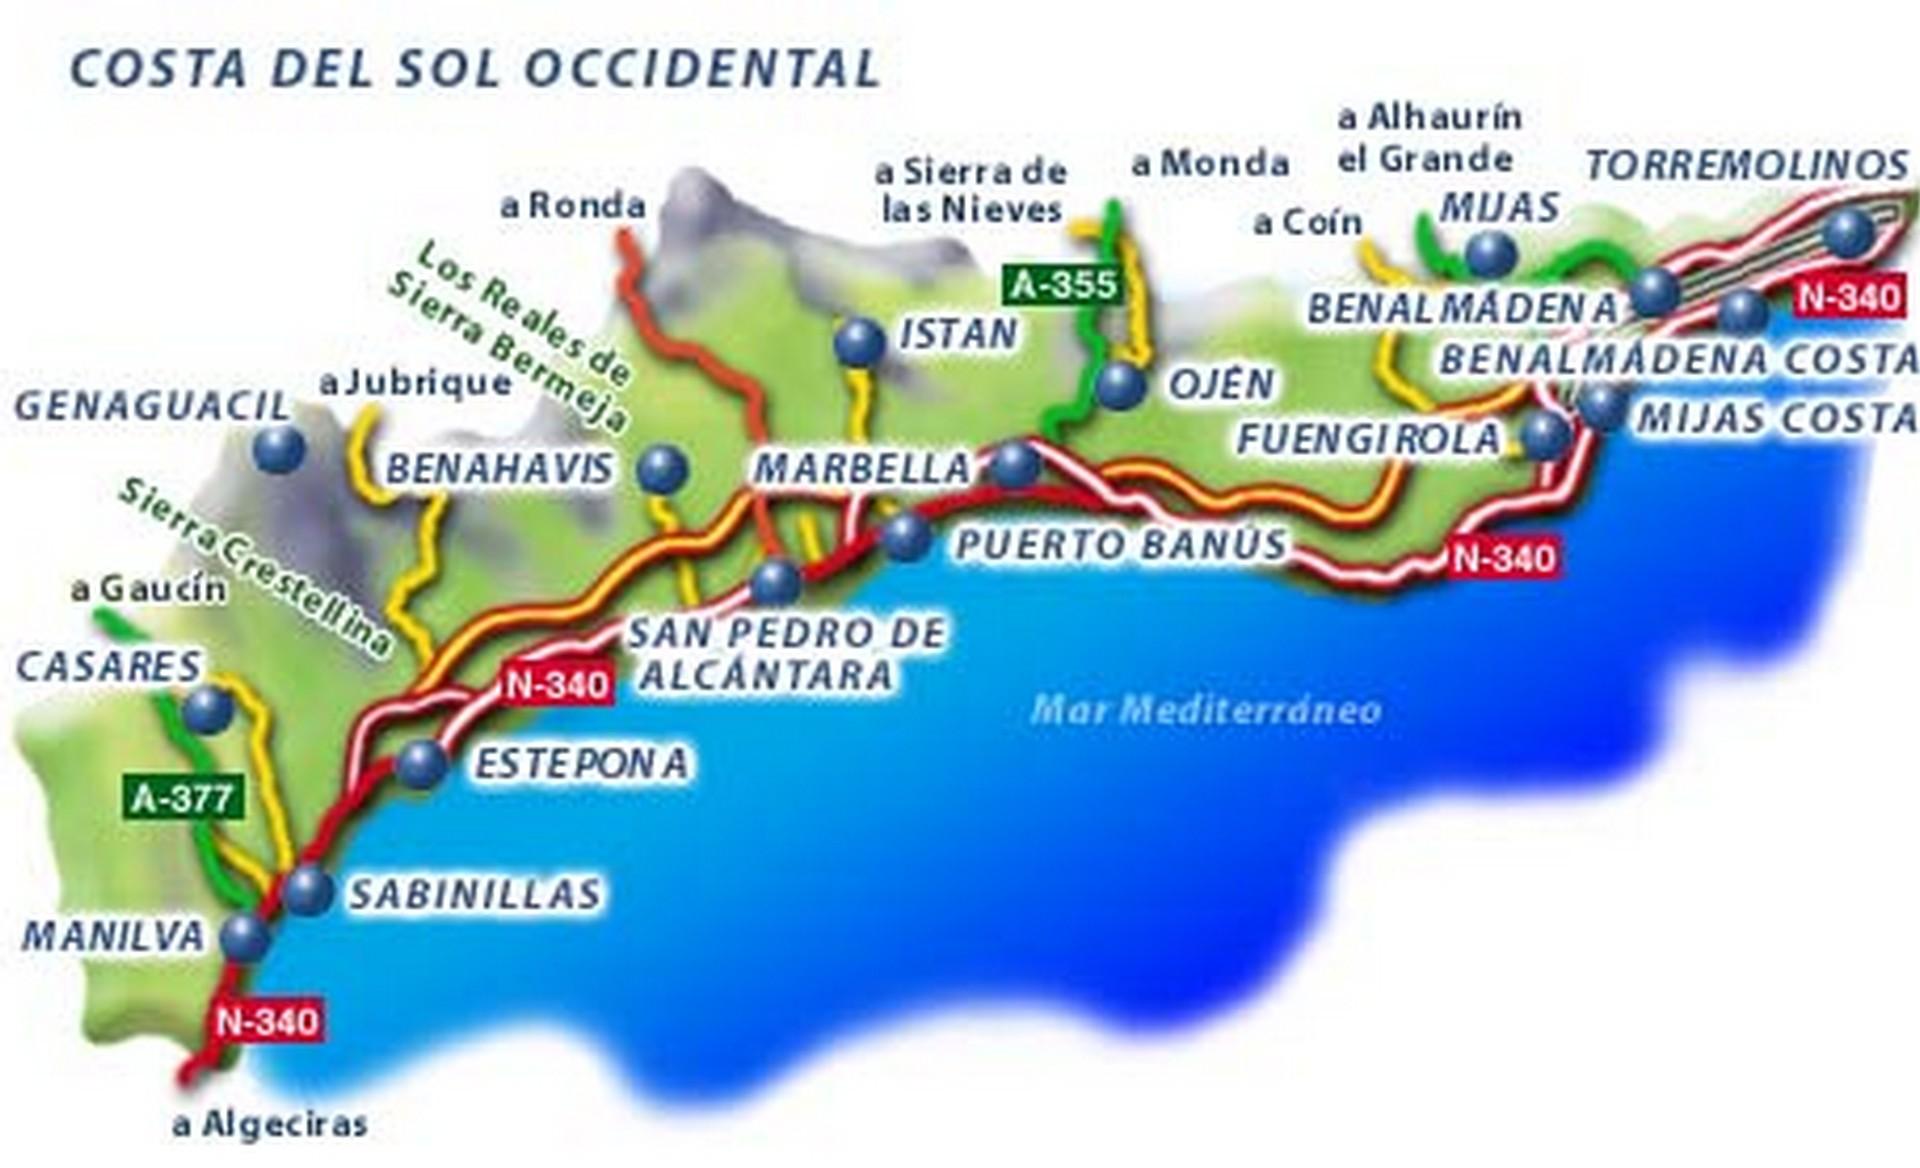 Costa del sol kaart